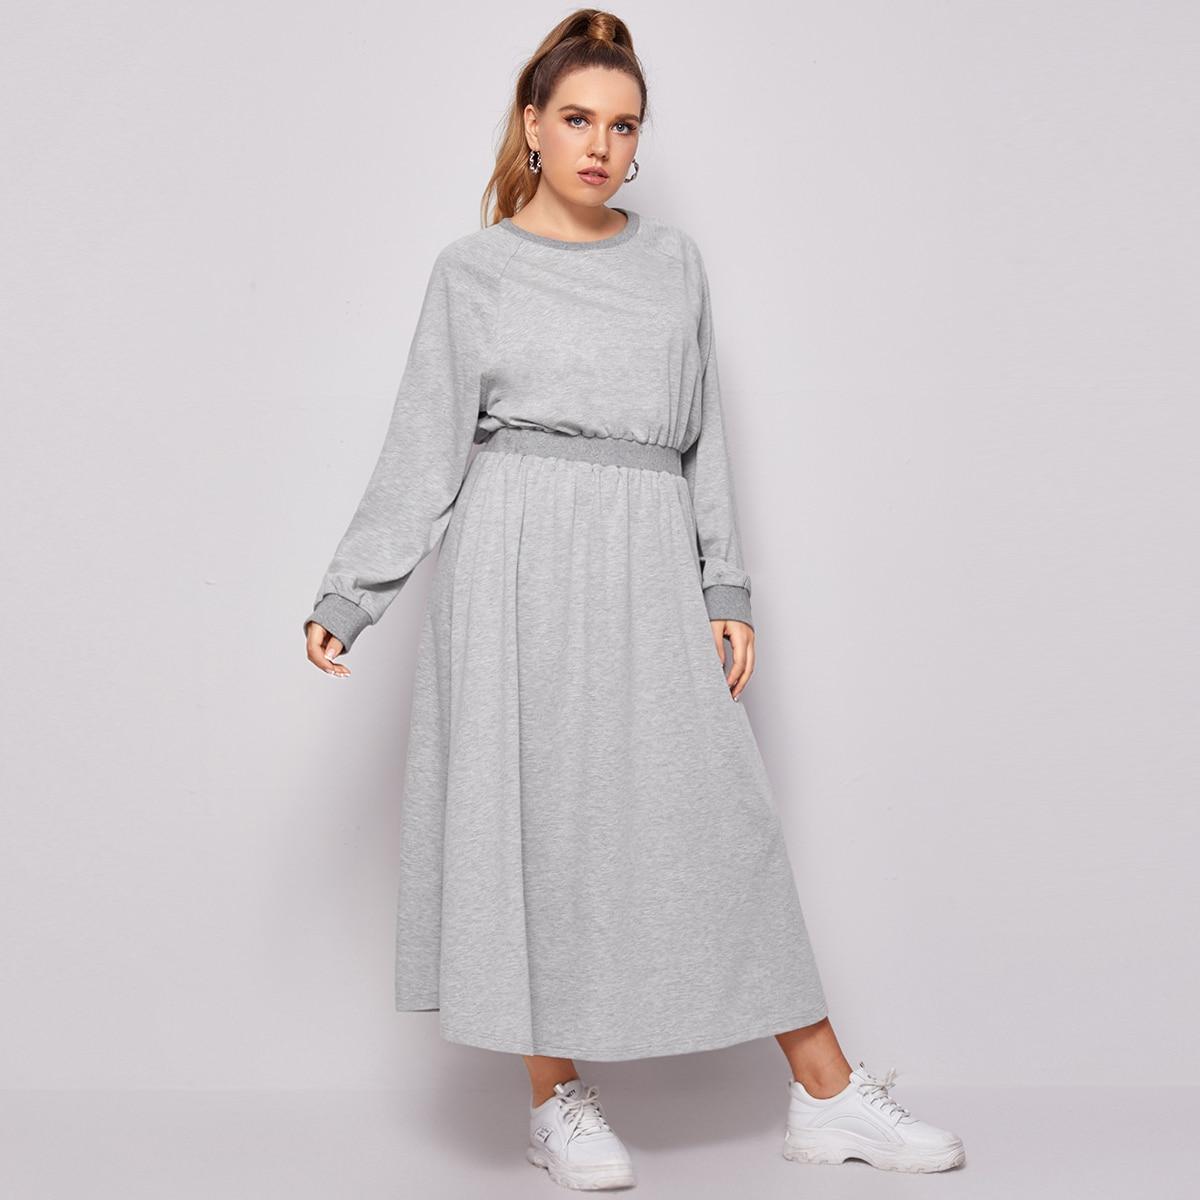 Серое платье-свитшот размера плюс с рукавом реглан